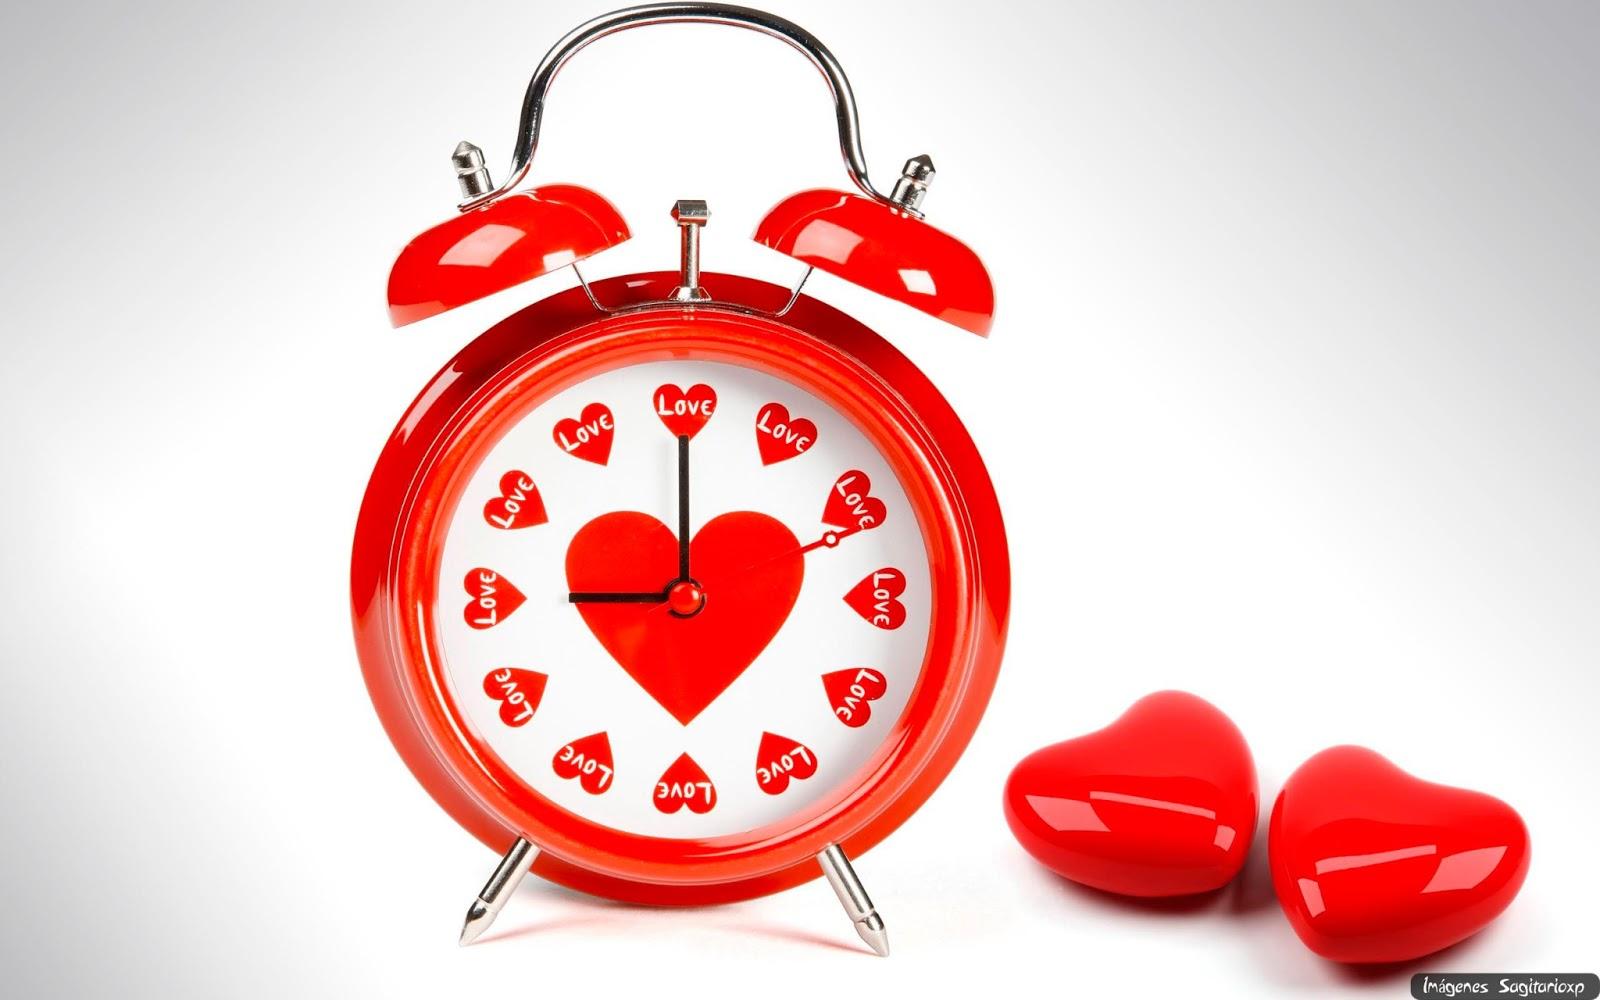 http://3.bp.blogspot.com/-sC0Zj47uqk0/URrvC2fl9wI/AAAAAAAAEkk/xoLWfQFzcXU/s1600/Despertar-con-amor.jpg